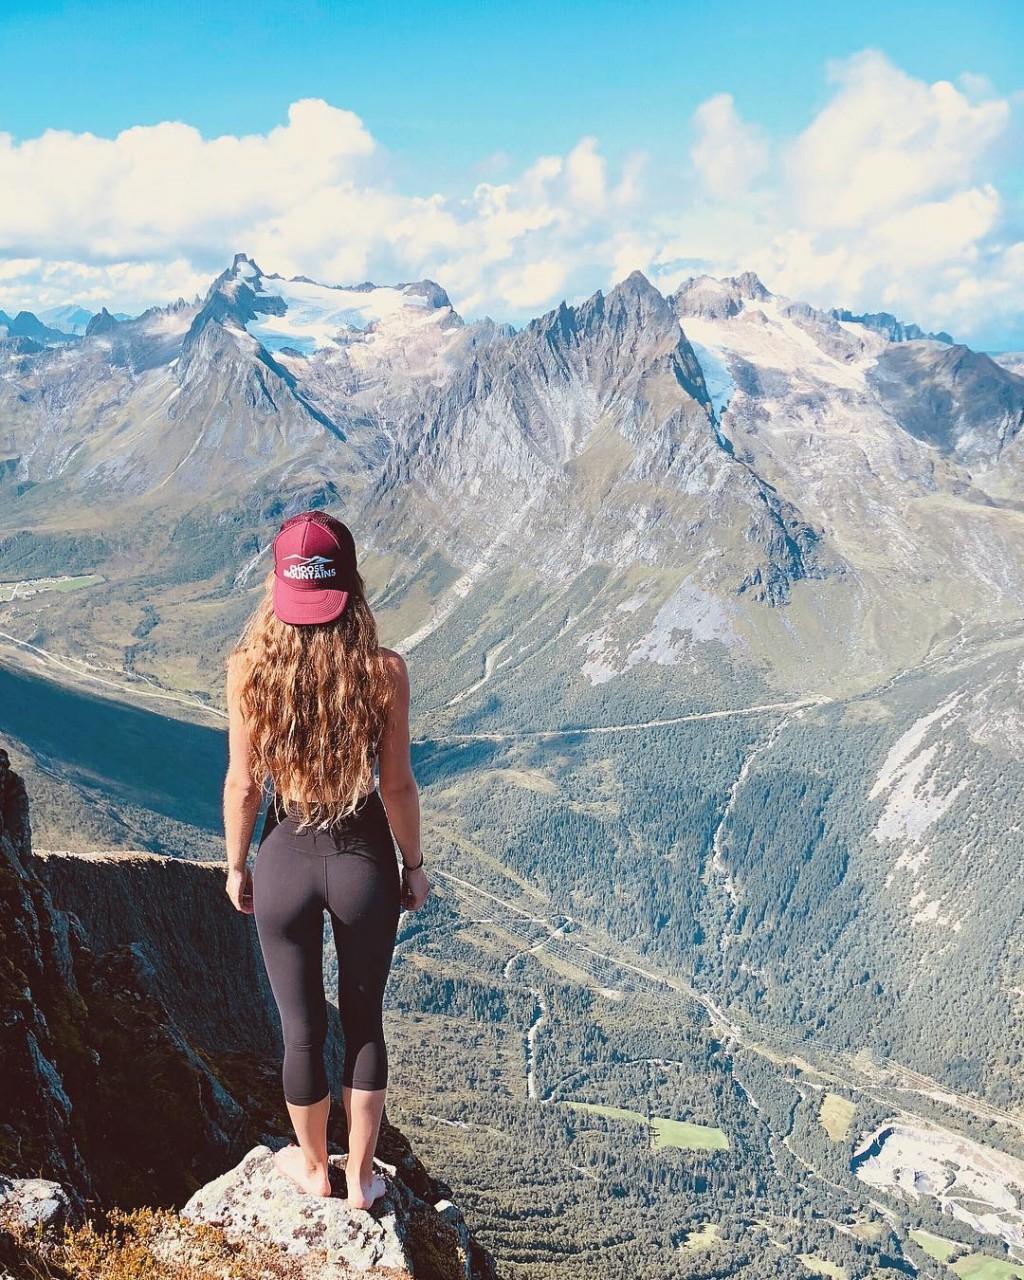 Замечательные снимки горных пейзажей